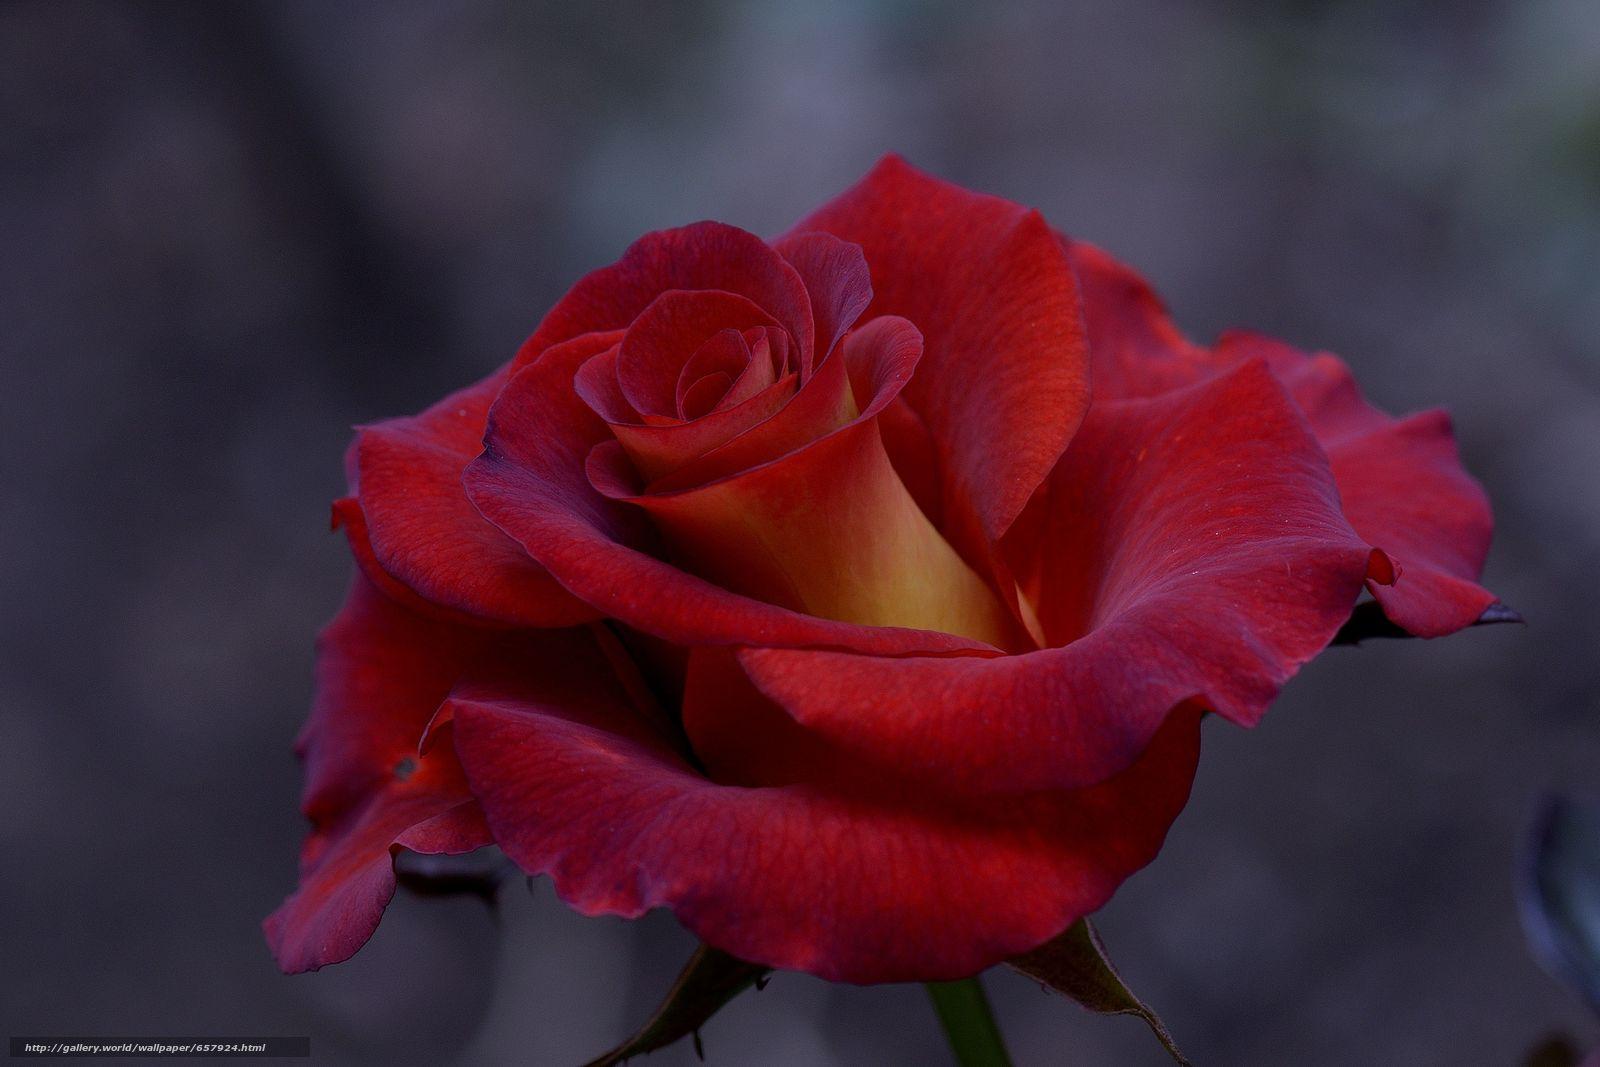 pobra tapety róża,  Roses,  kwiat,  Kwiaty Darmowe tapety na pulpit rozdzielczoci 4425x2950 — zdjcie №657924